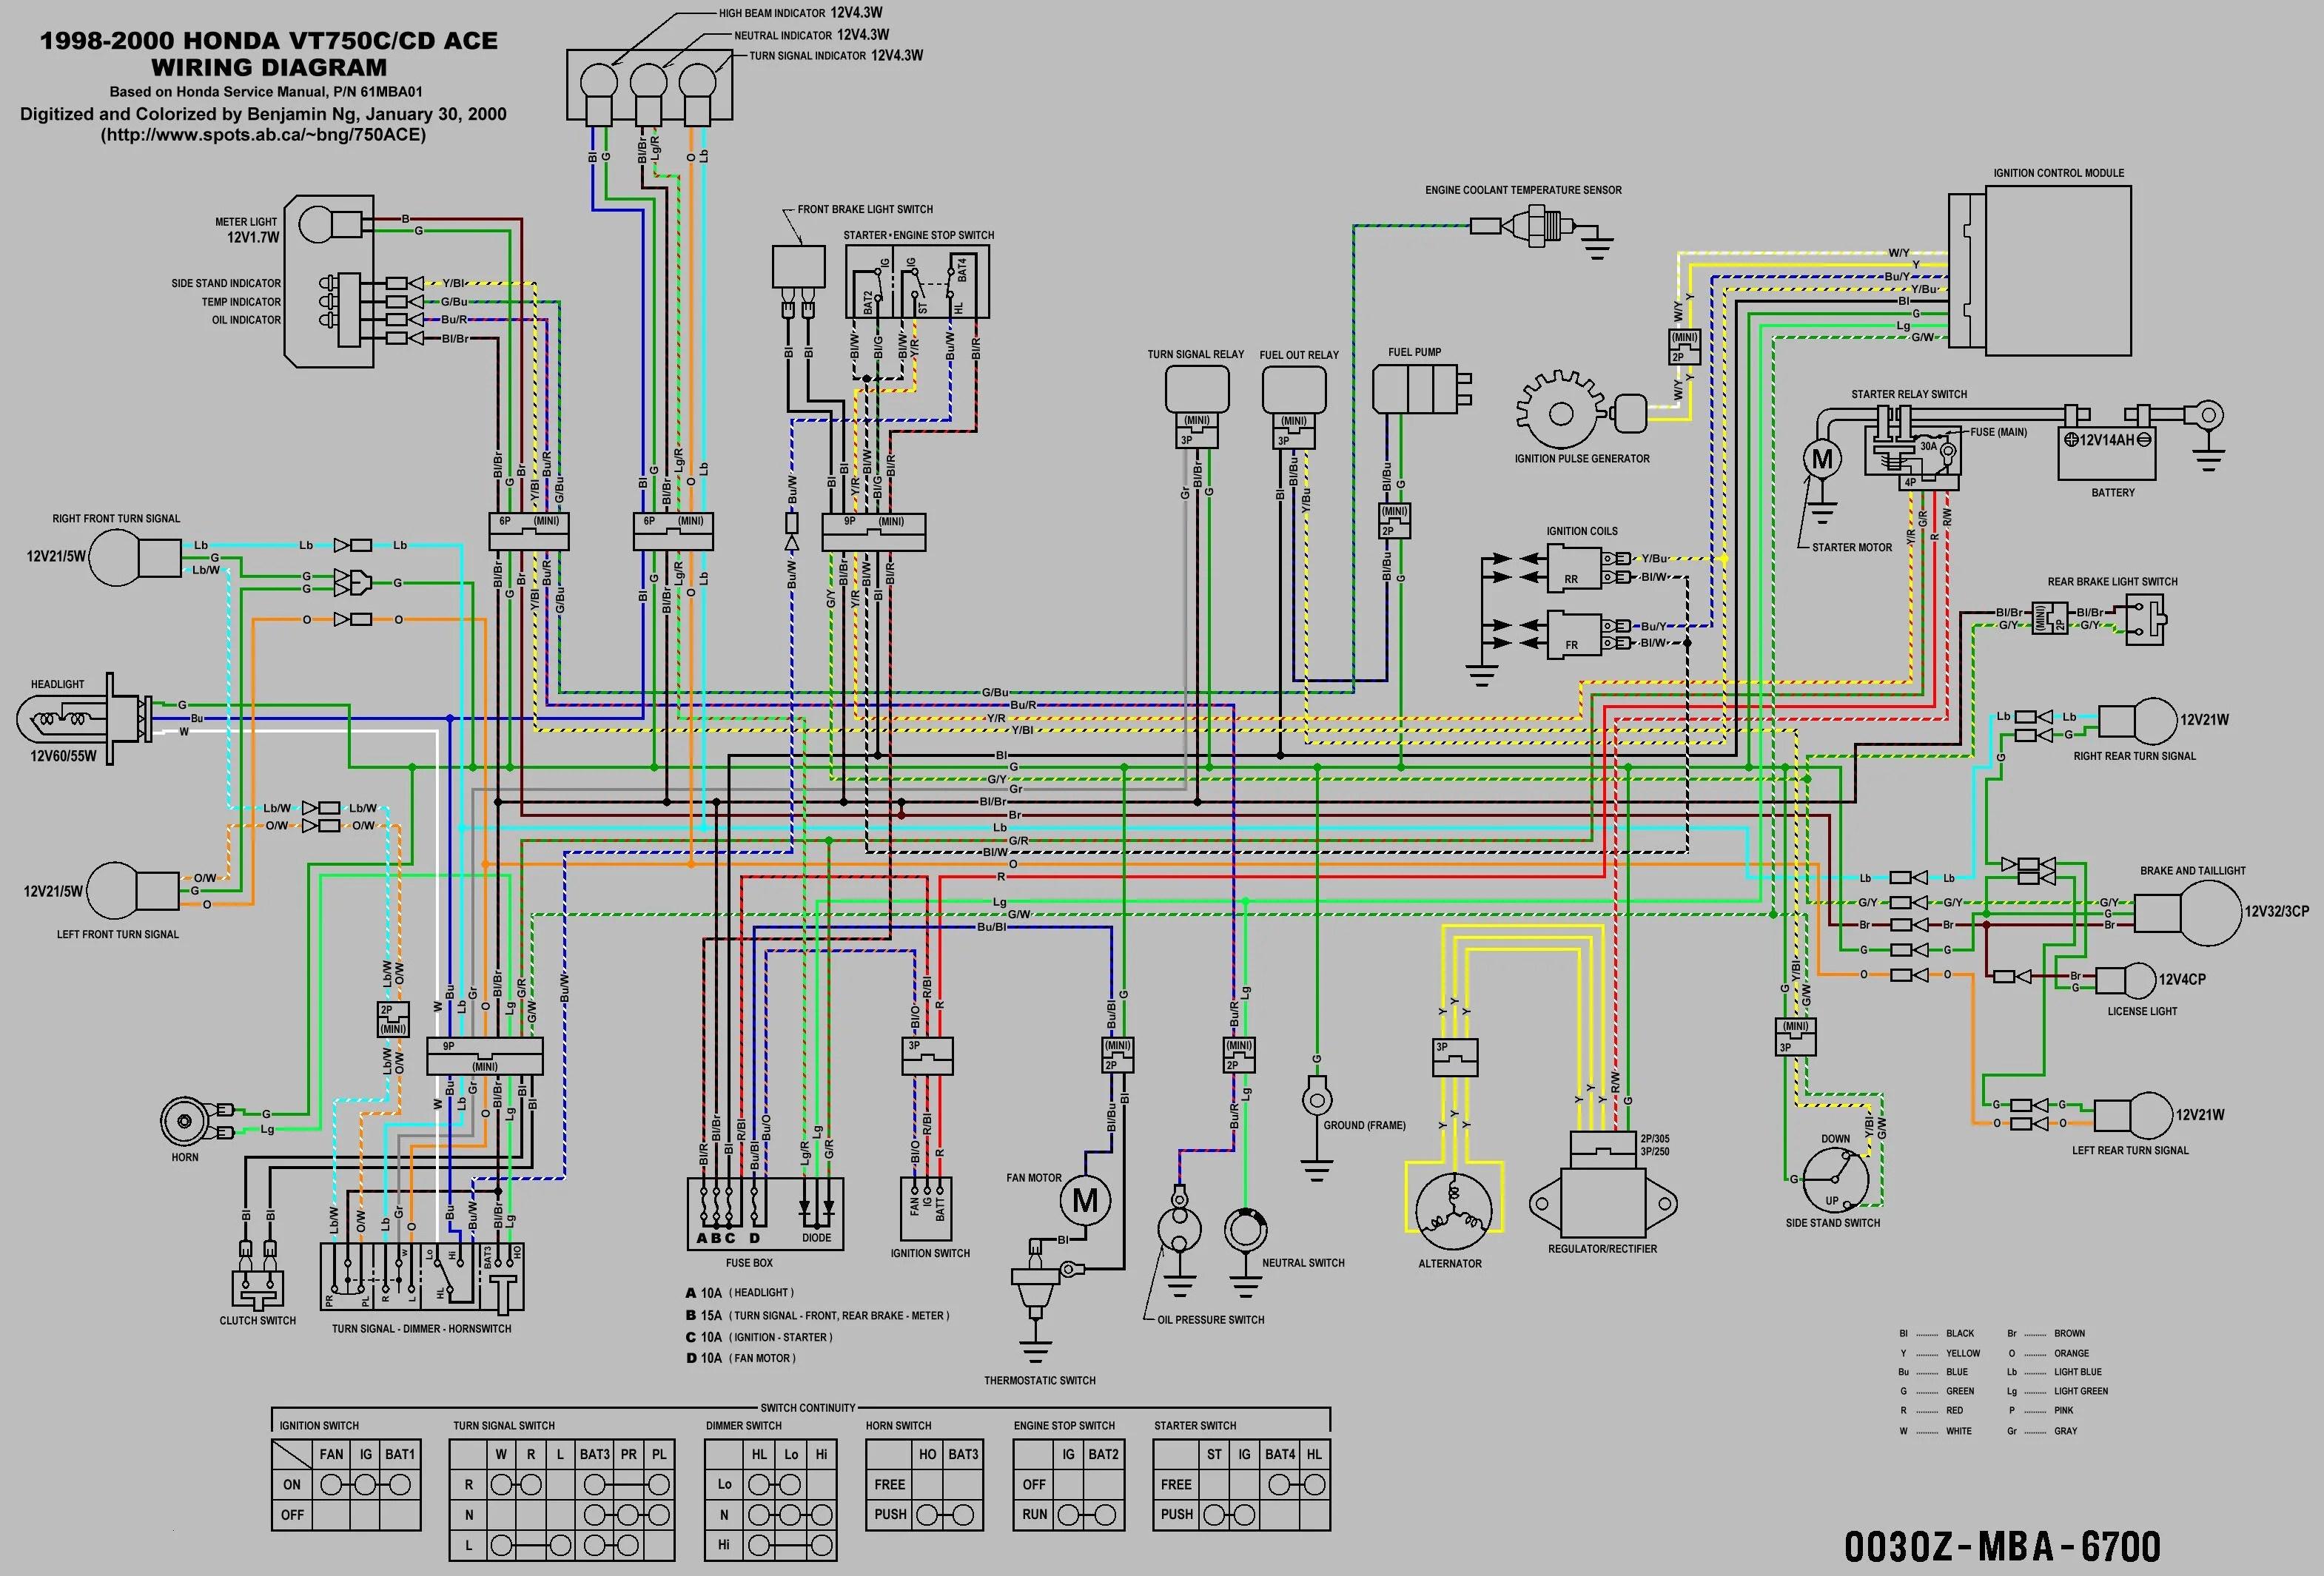 lowrance elite 7 hdi wiring diagram wiring diagram Lowrance Elite 5 Hdi Wiring Diagram lowrance elite 7 hdi wiring diagram lowrance elite 5 hdi wiring diagram